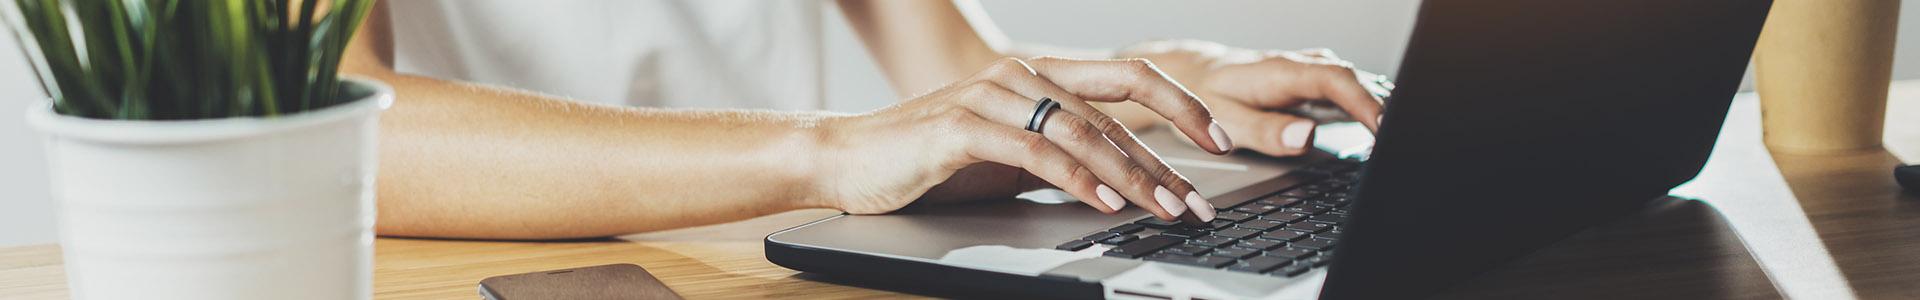 Manos de una mujer tipeando en una computadora